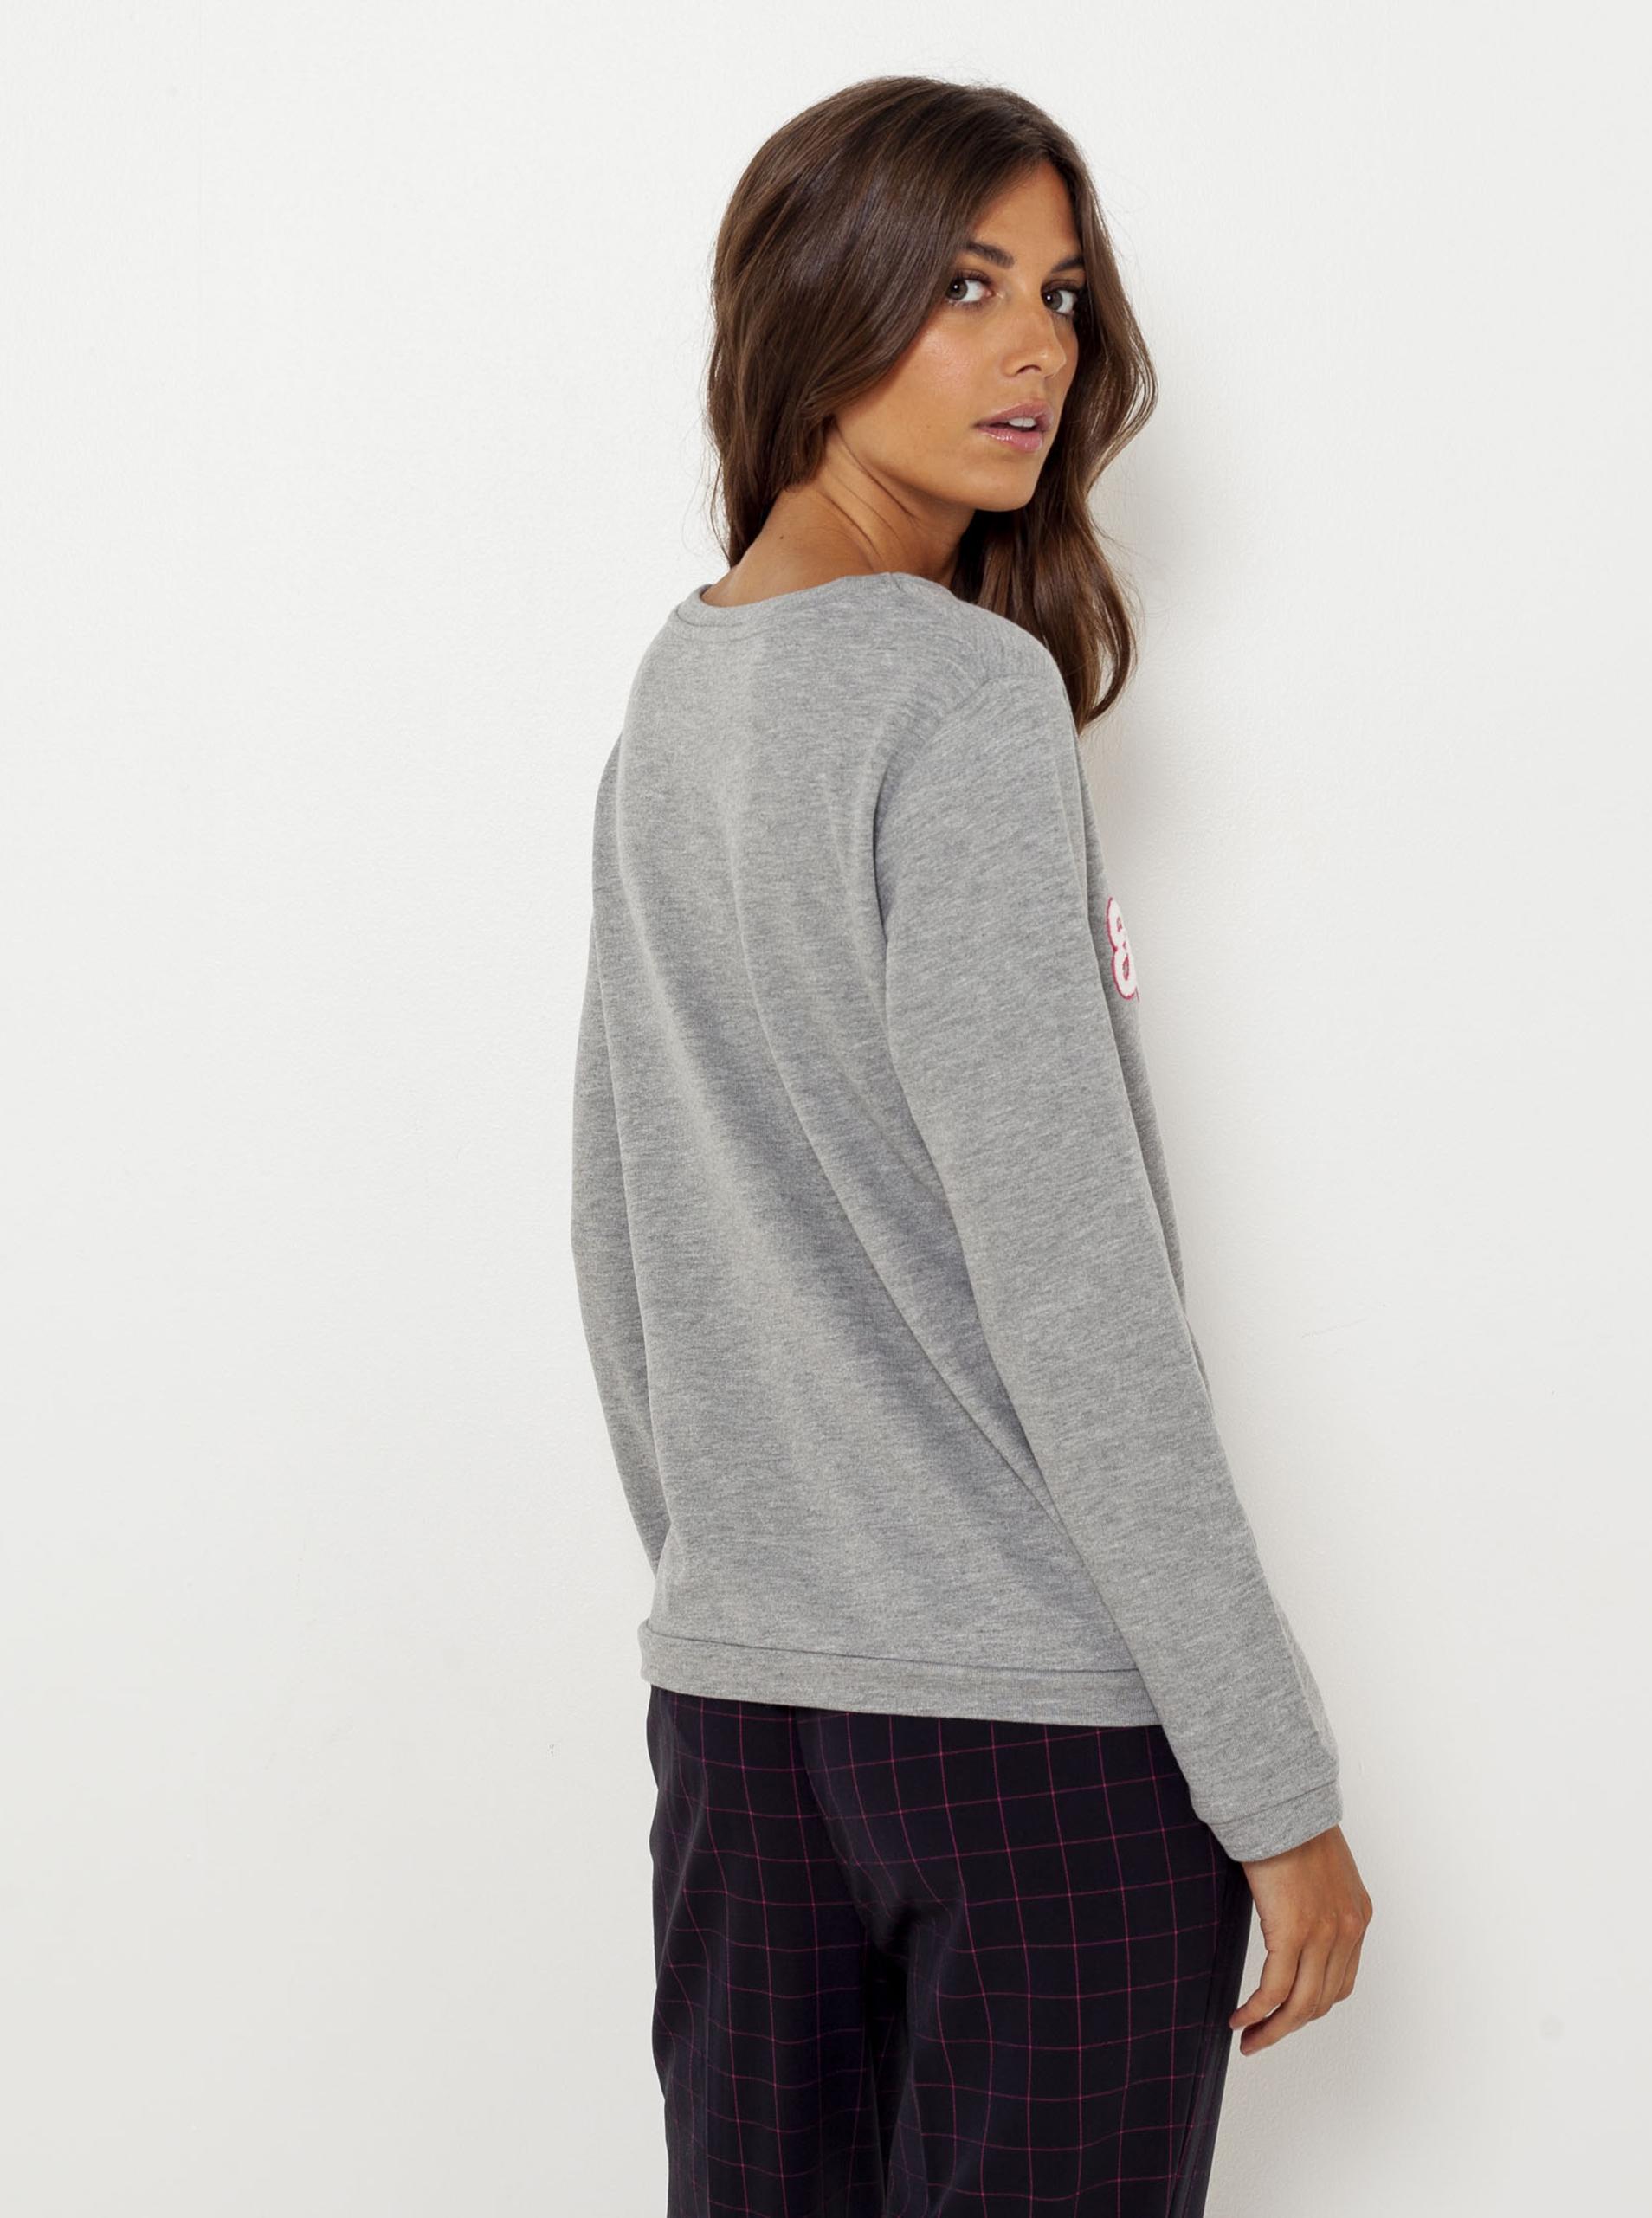 CAMAIEU grigio da donna maglietta con un segno